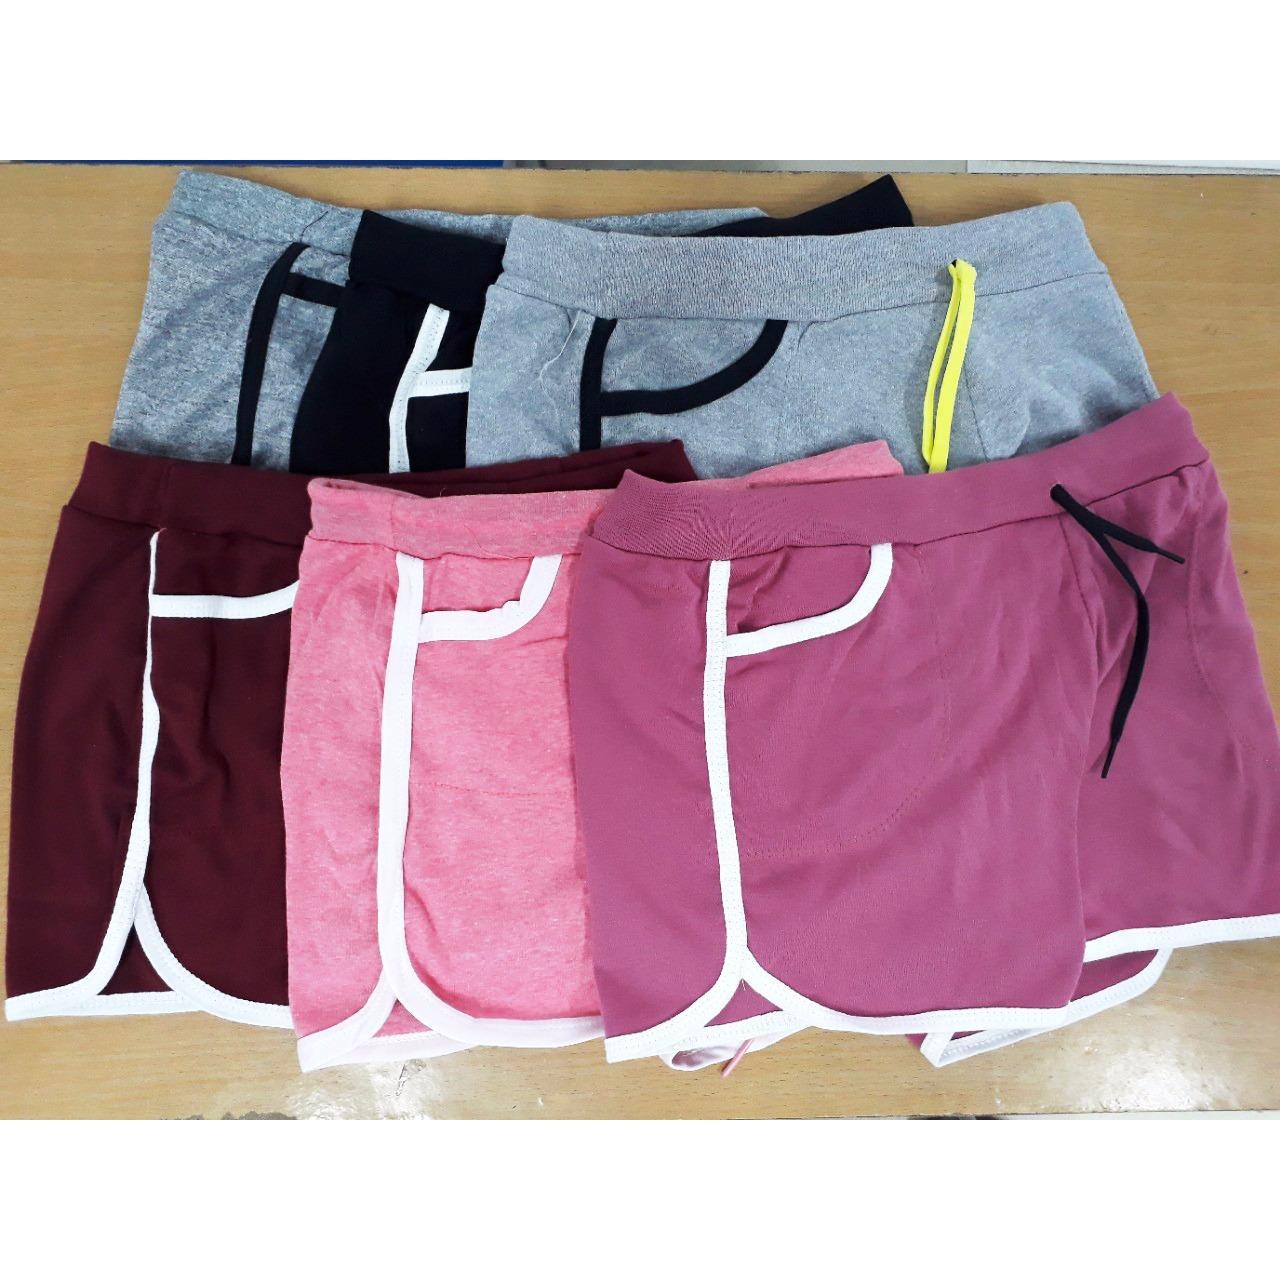 Quần đùi short nữ cotton dáng thể thao dây rút + Tặng kèm thẻ tích điểm Giá tốt 360